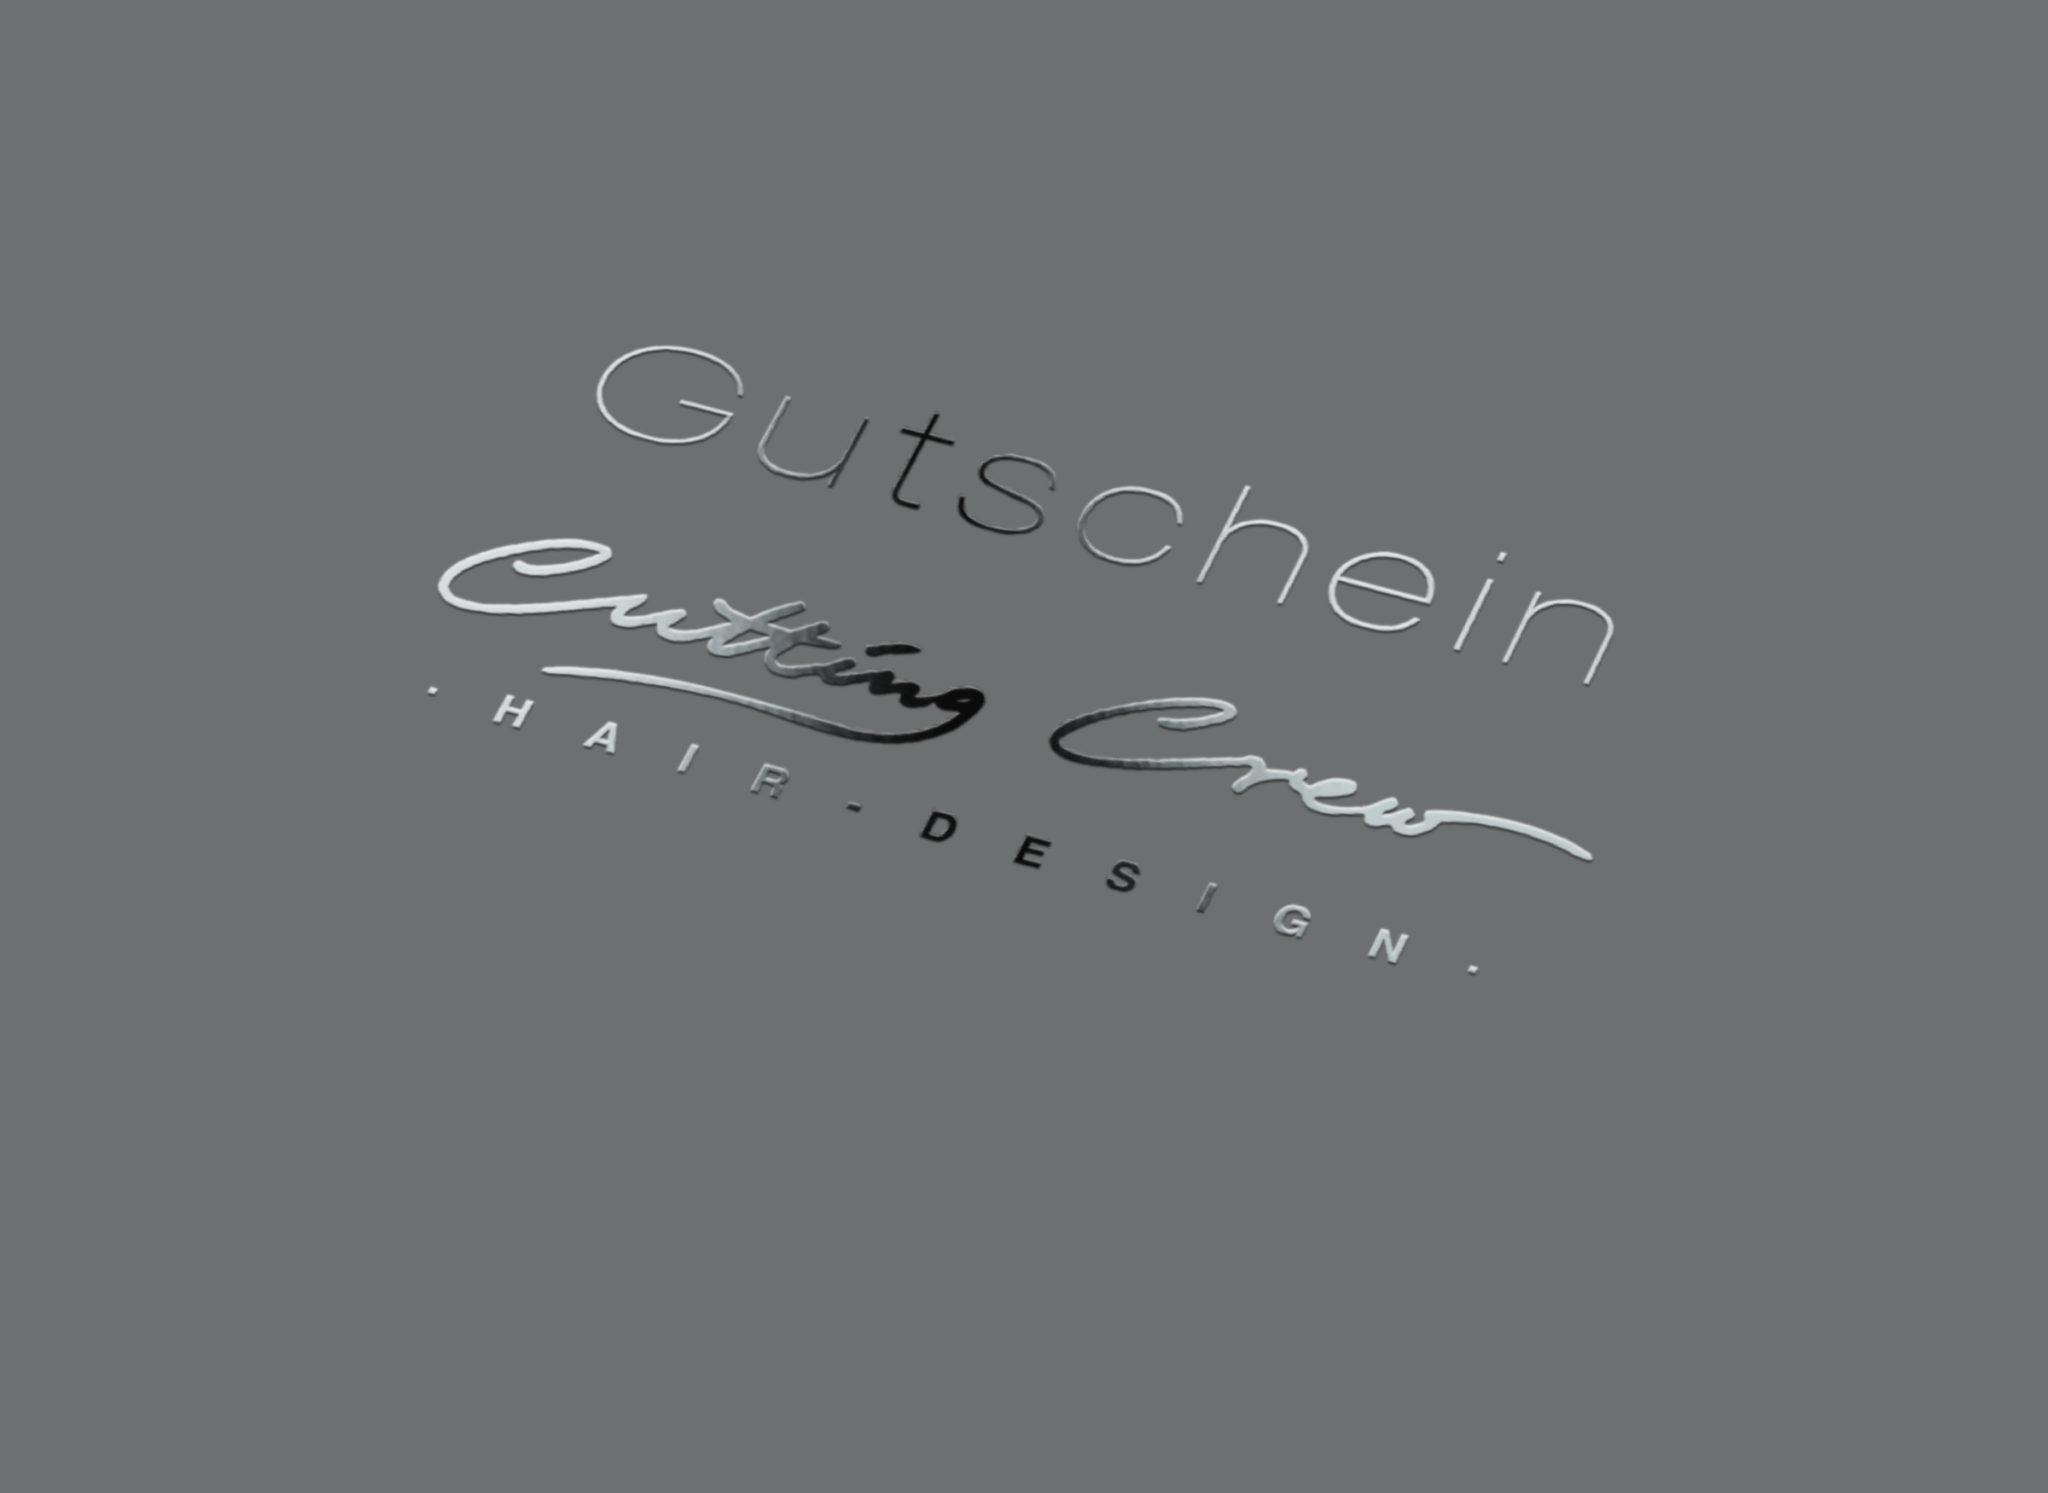 Gutschein kaufen Cutting Crew Hairdesign Friseur aus Bayreuth